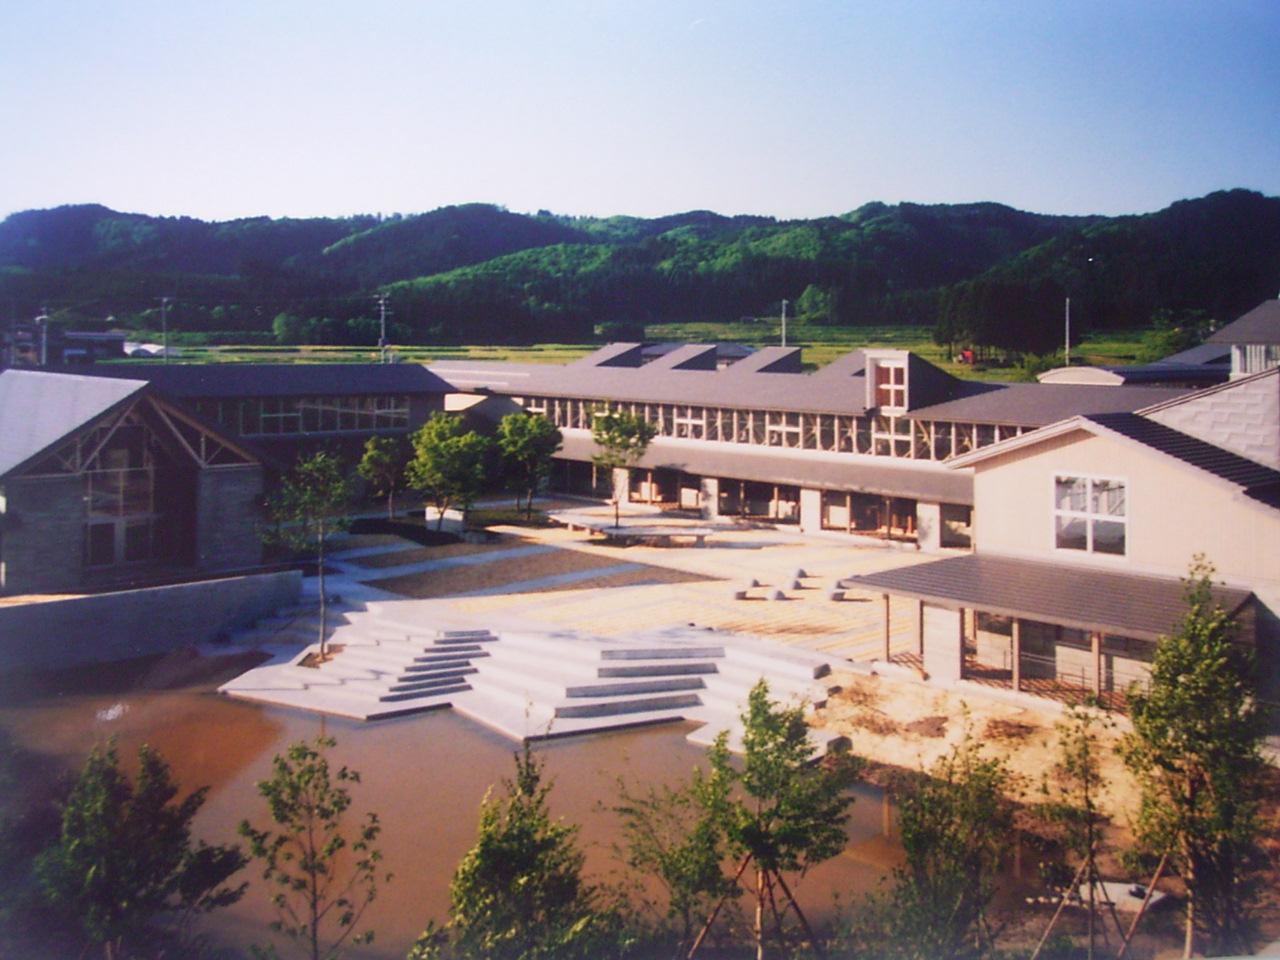 金山町立明安小学校校舎・屋内運動場 | 東北電機鉄工株式会社